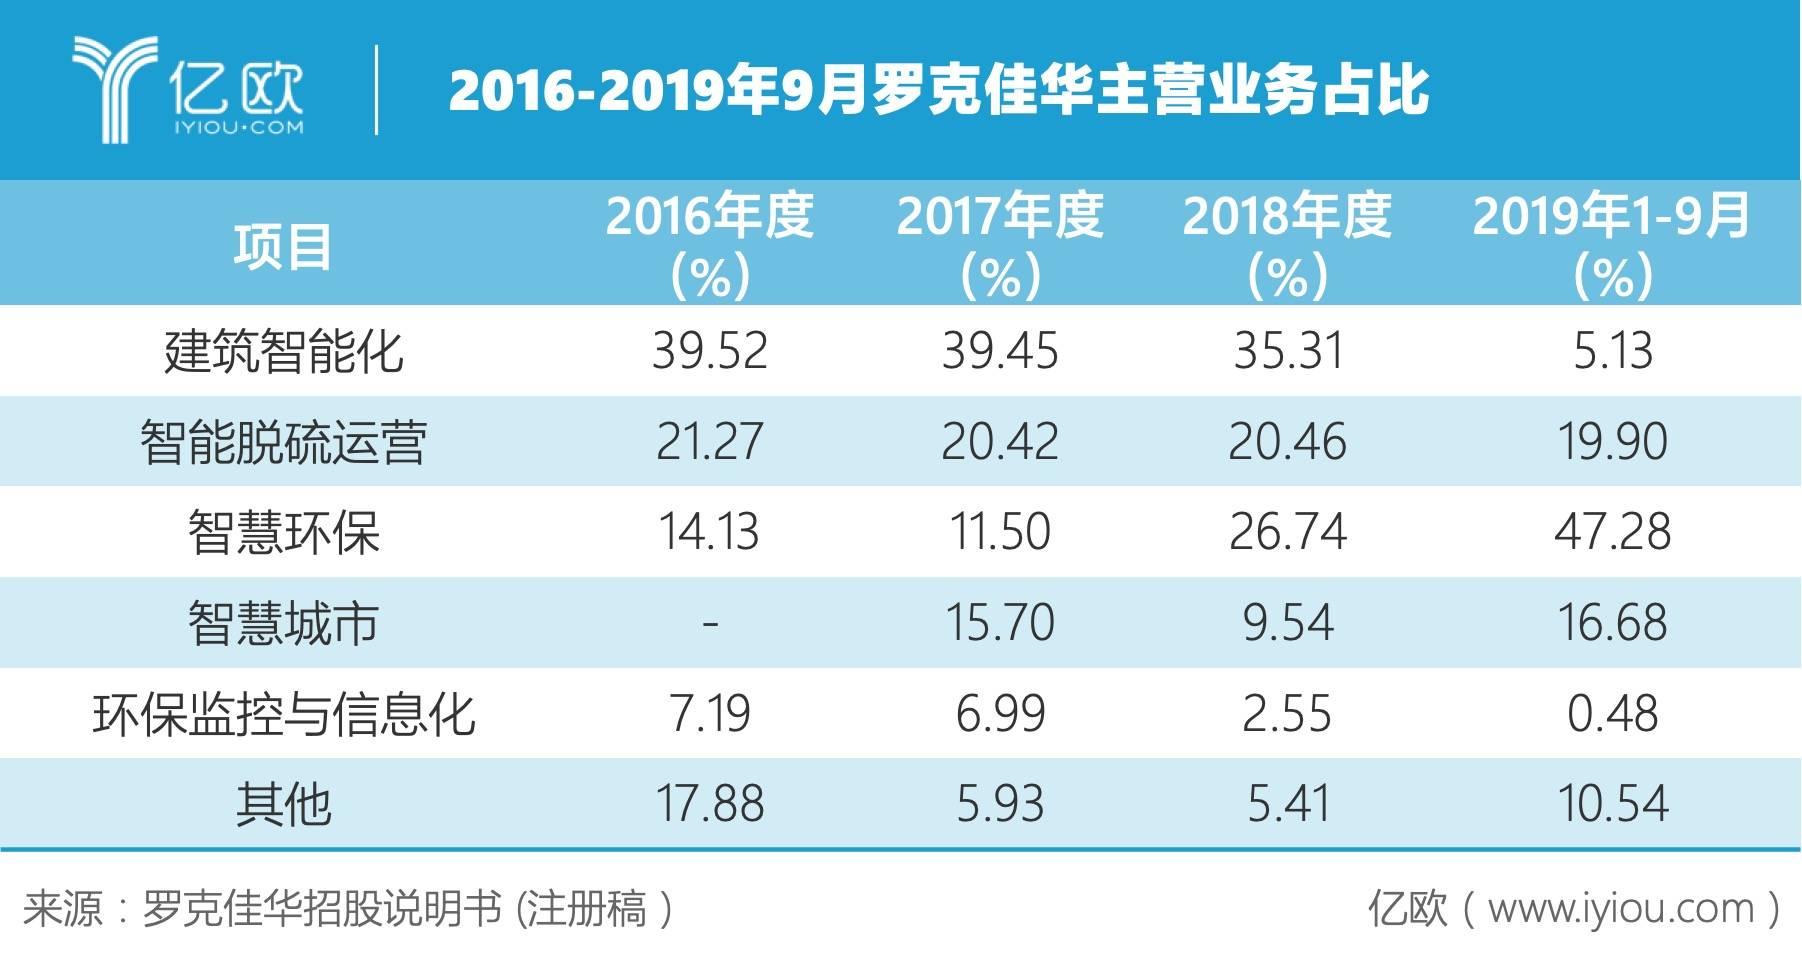 2016-2019年9月罗克佳华主营业务占比.jpeg